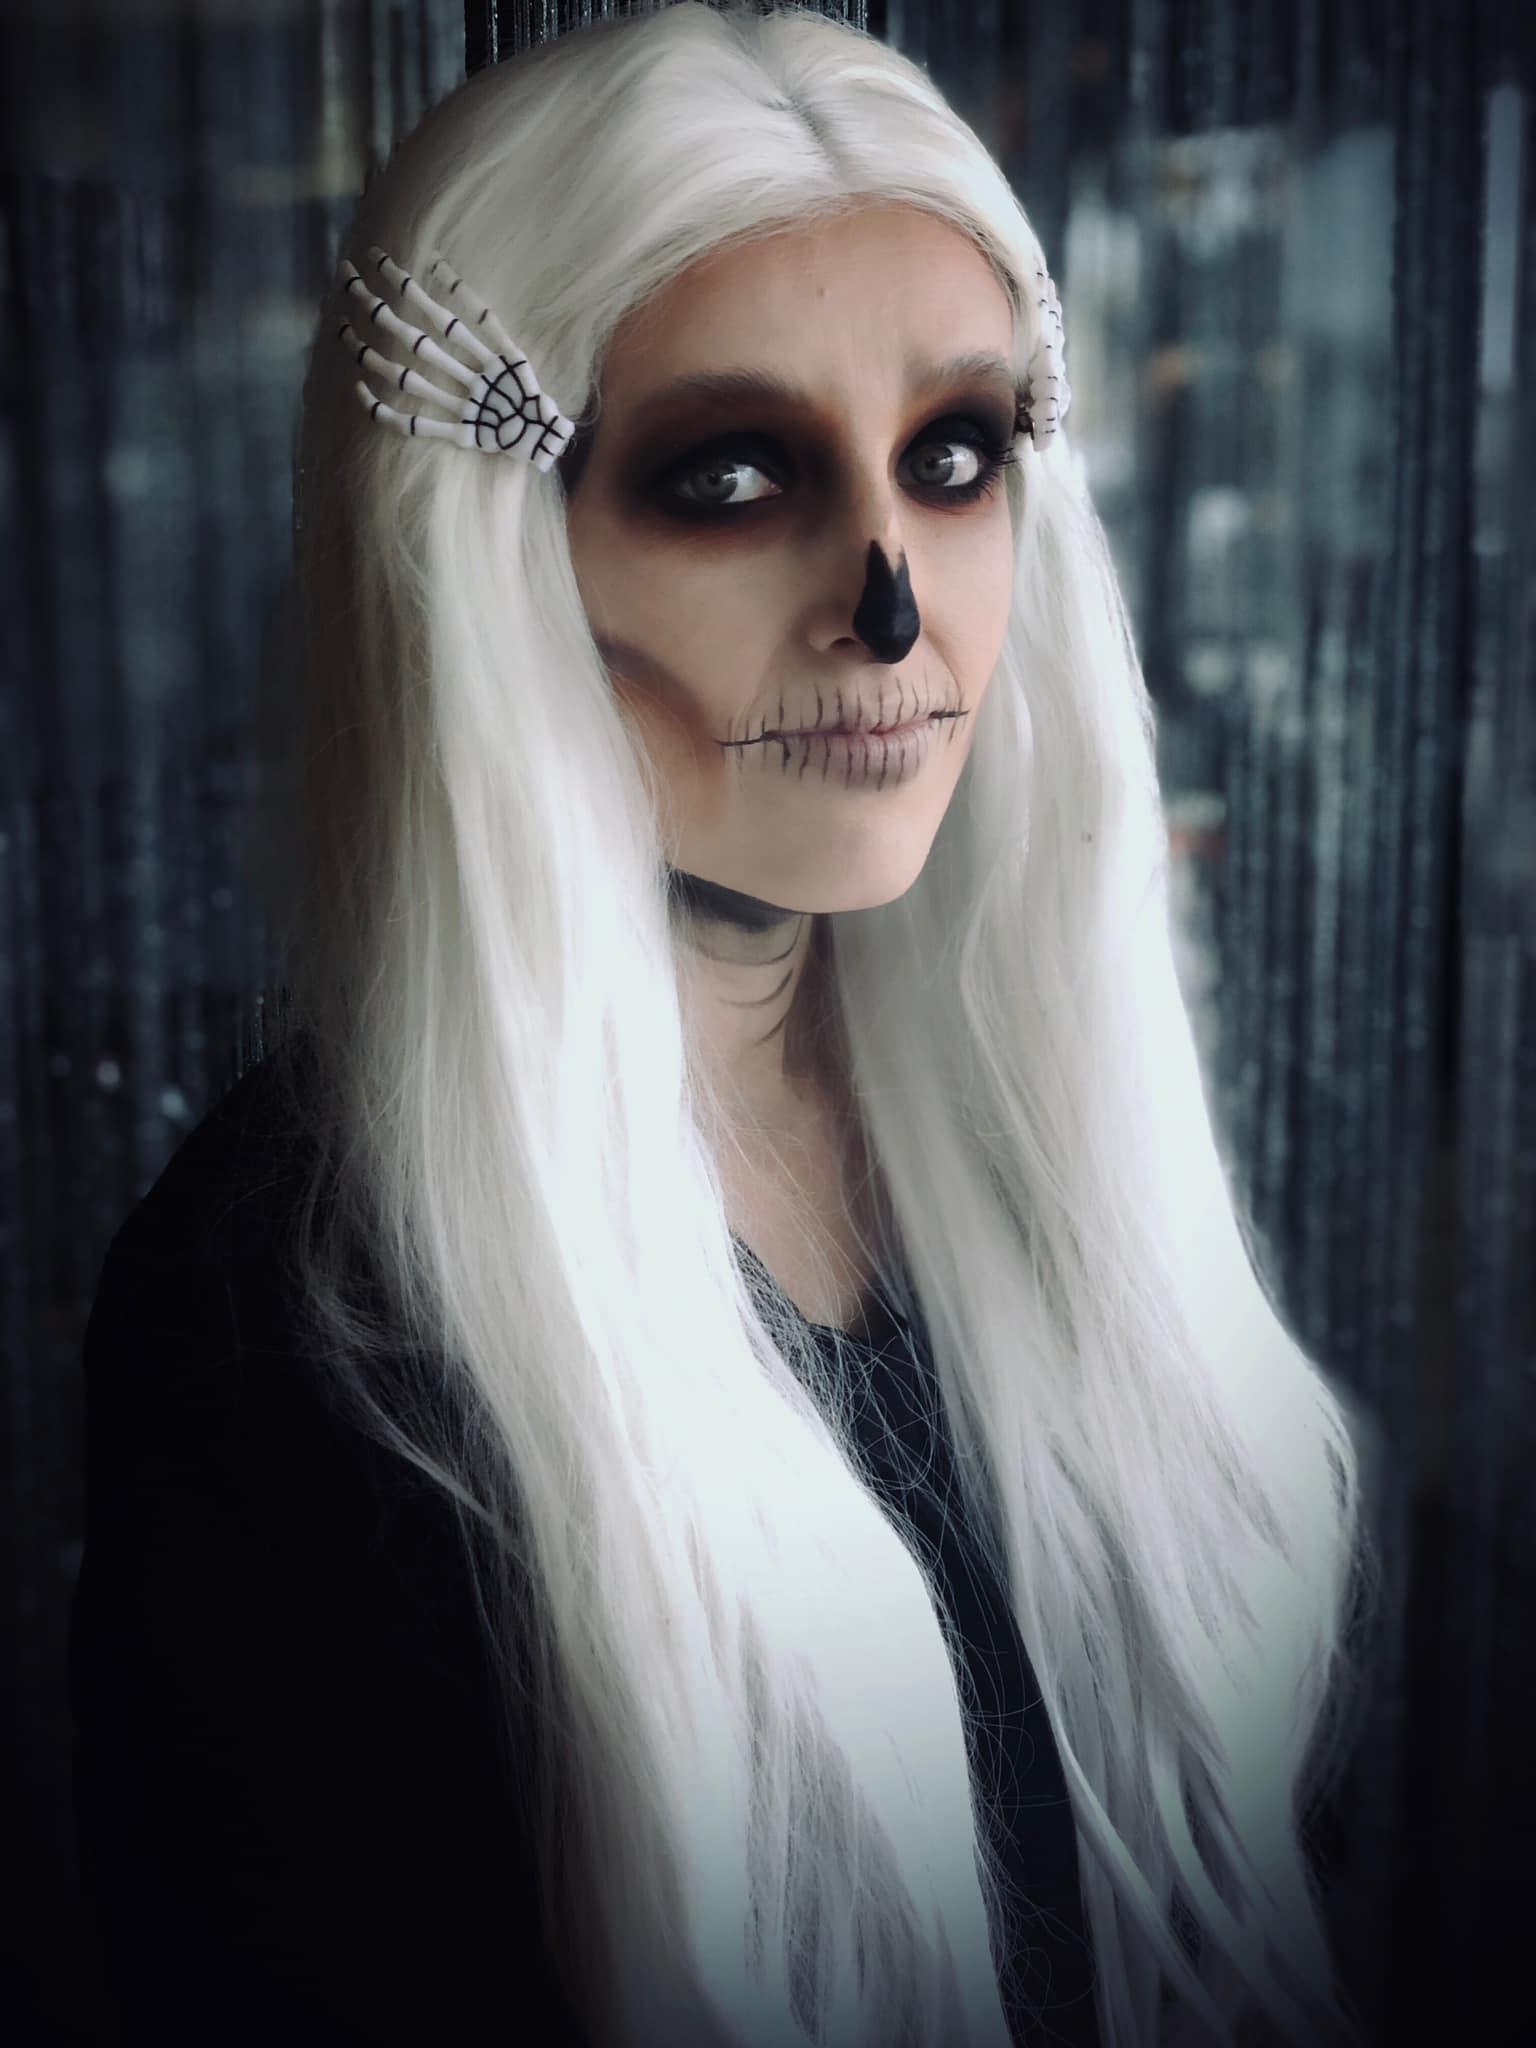 Hair & Makeup By Kaari